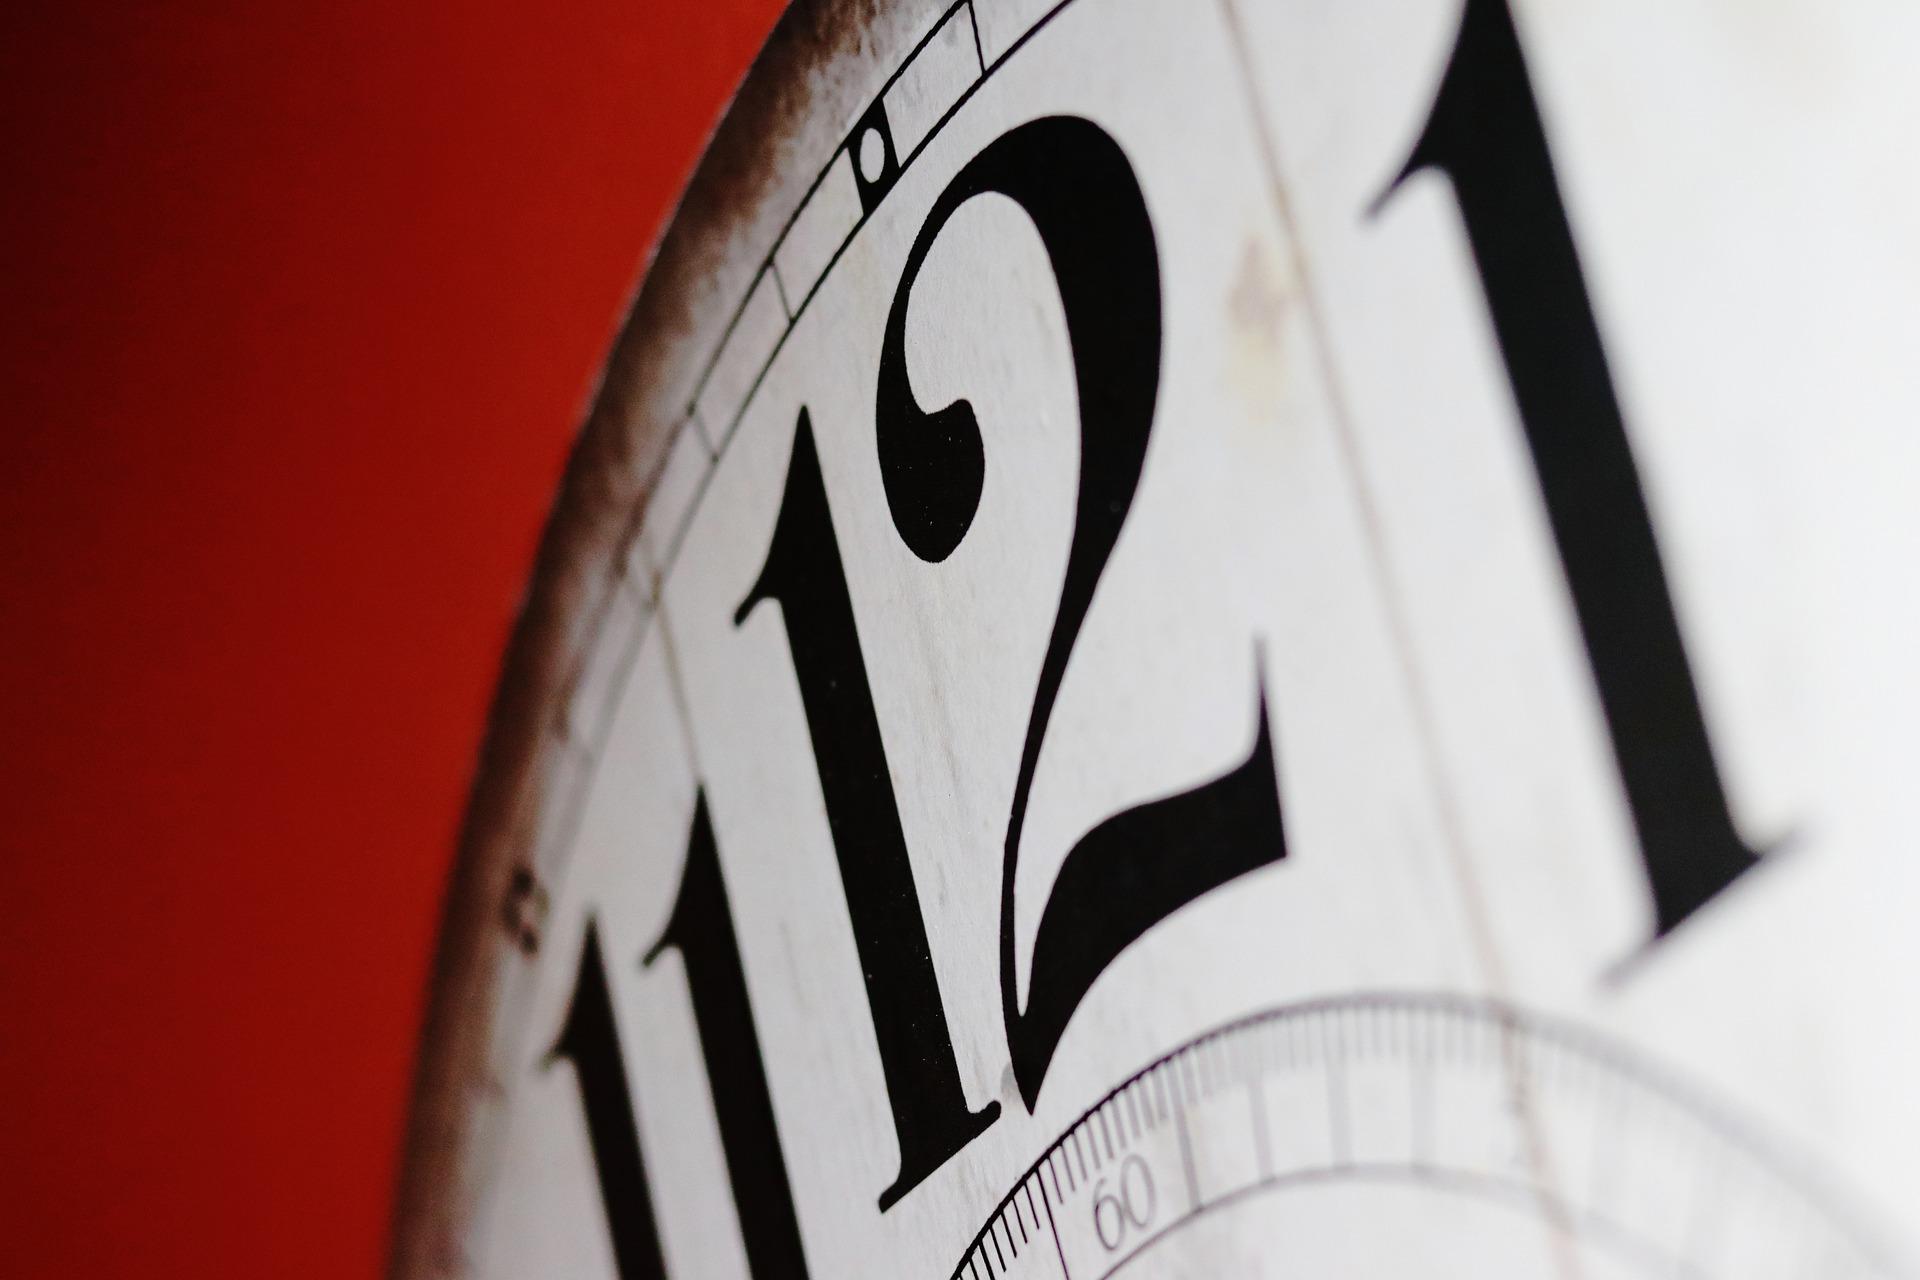 clock-2389384_1920 (2)